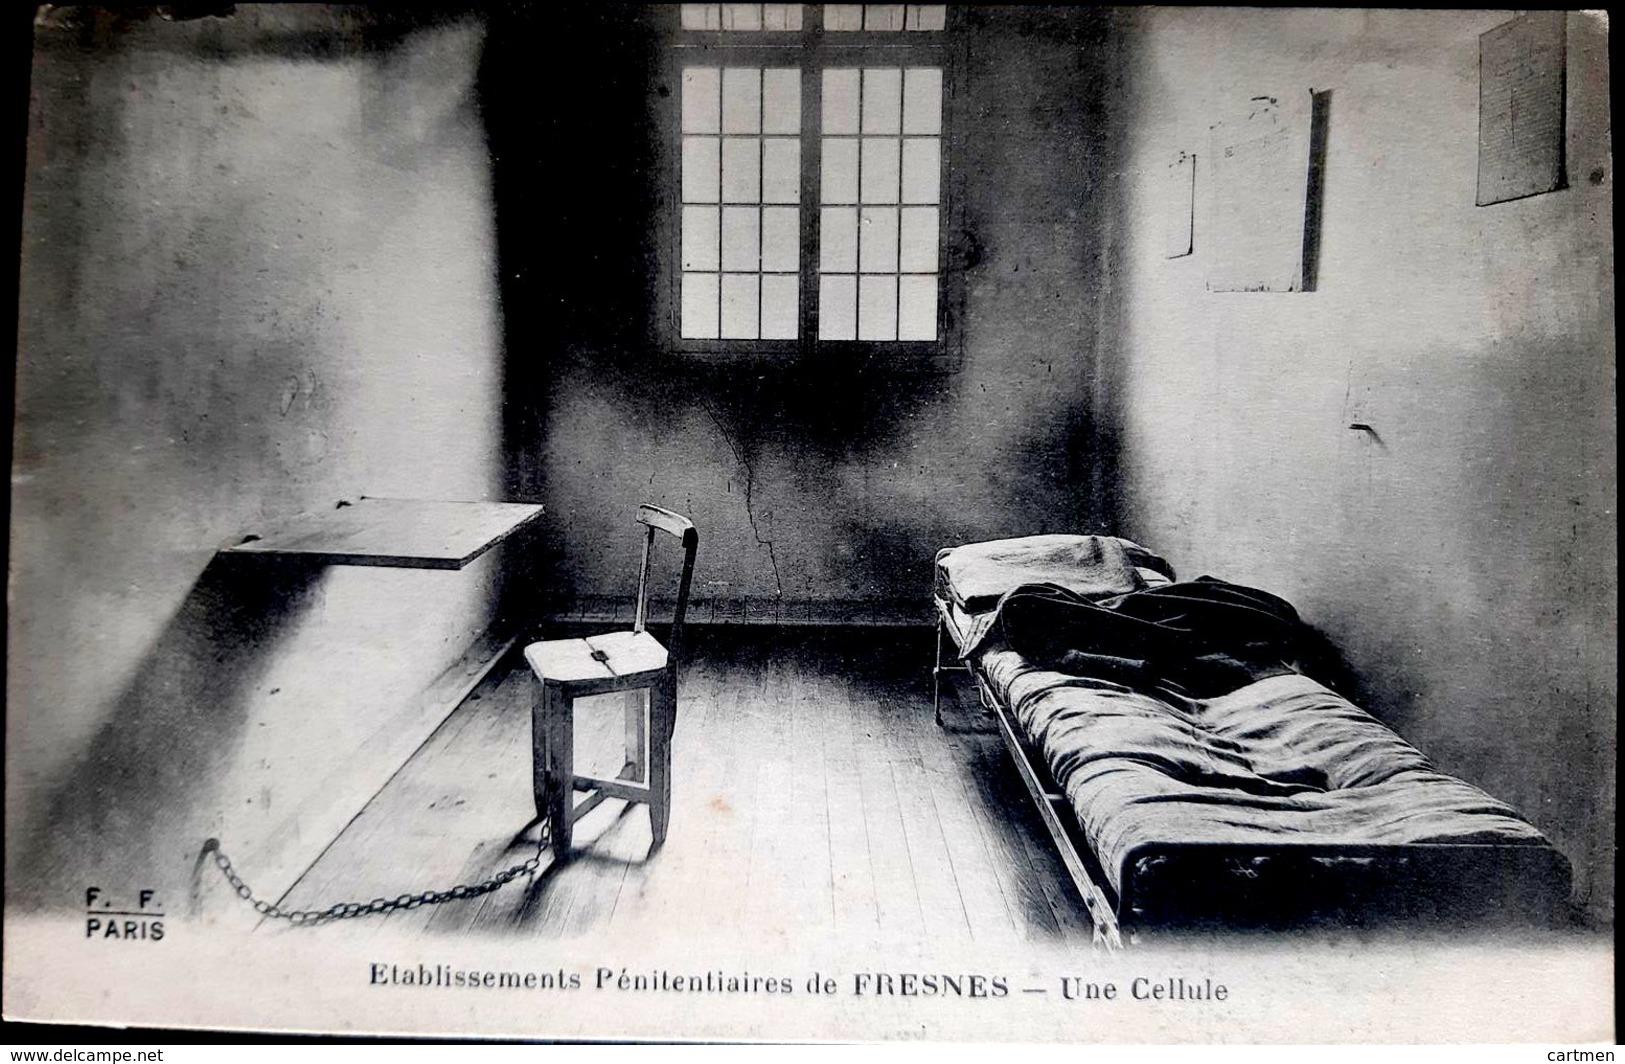 PRISON ETABLISSEMENTS PENITENTIAIRES FRESNES UNE CELLULE AU DOS DESCRIPTION PRCISE DES DIVERSES CELLULES 1916 - Prison